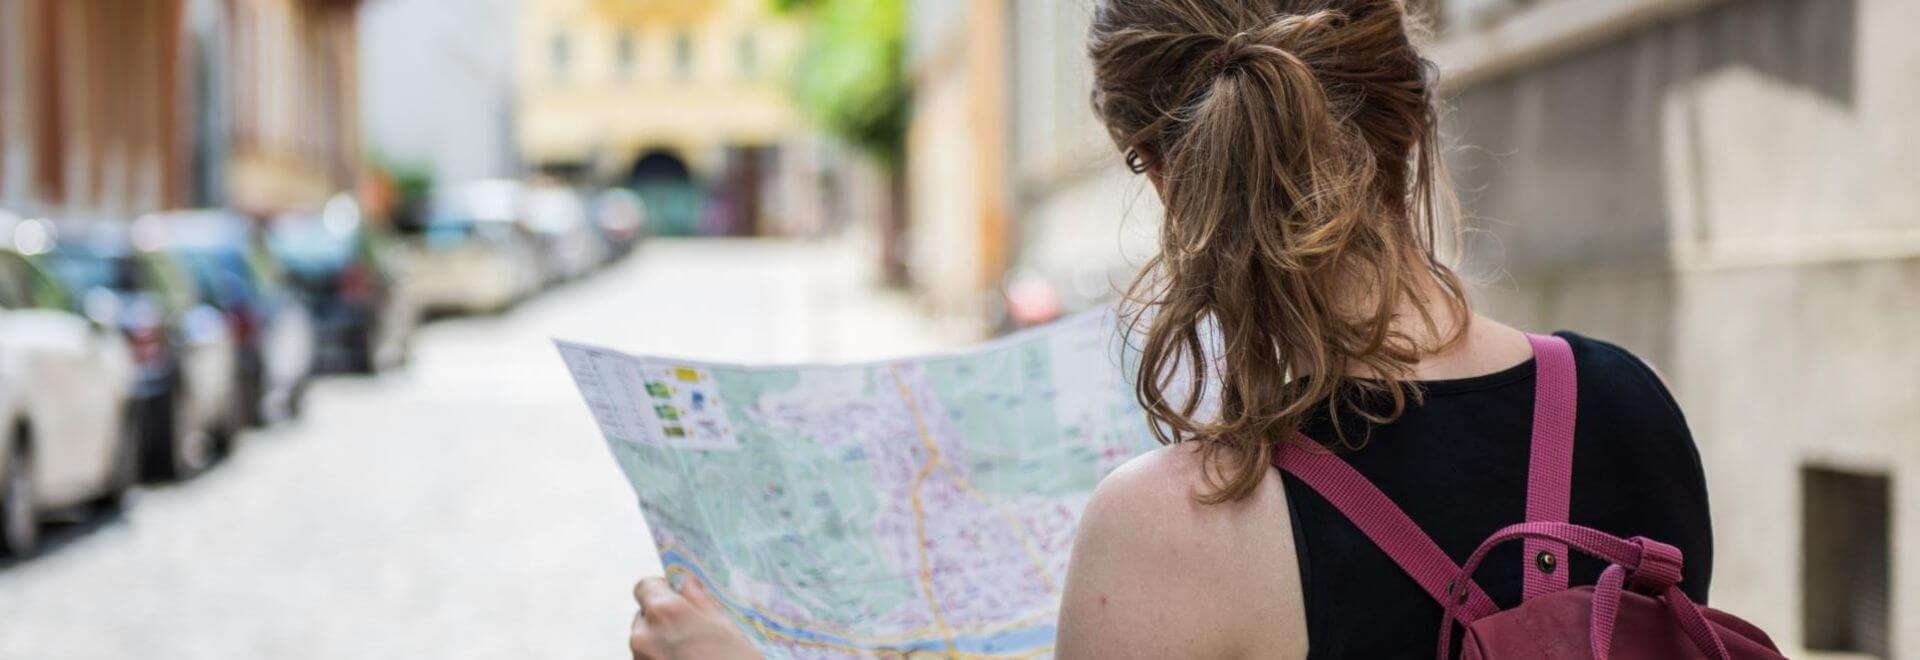 Frau sucht auf der Karte nach dem Weg